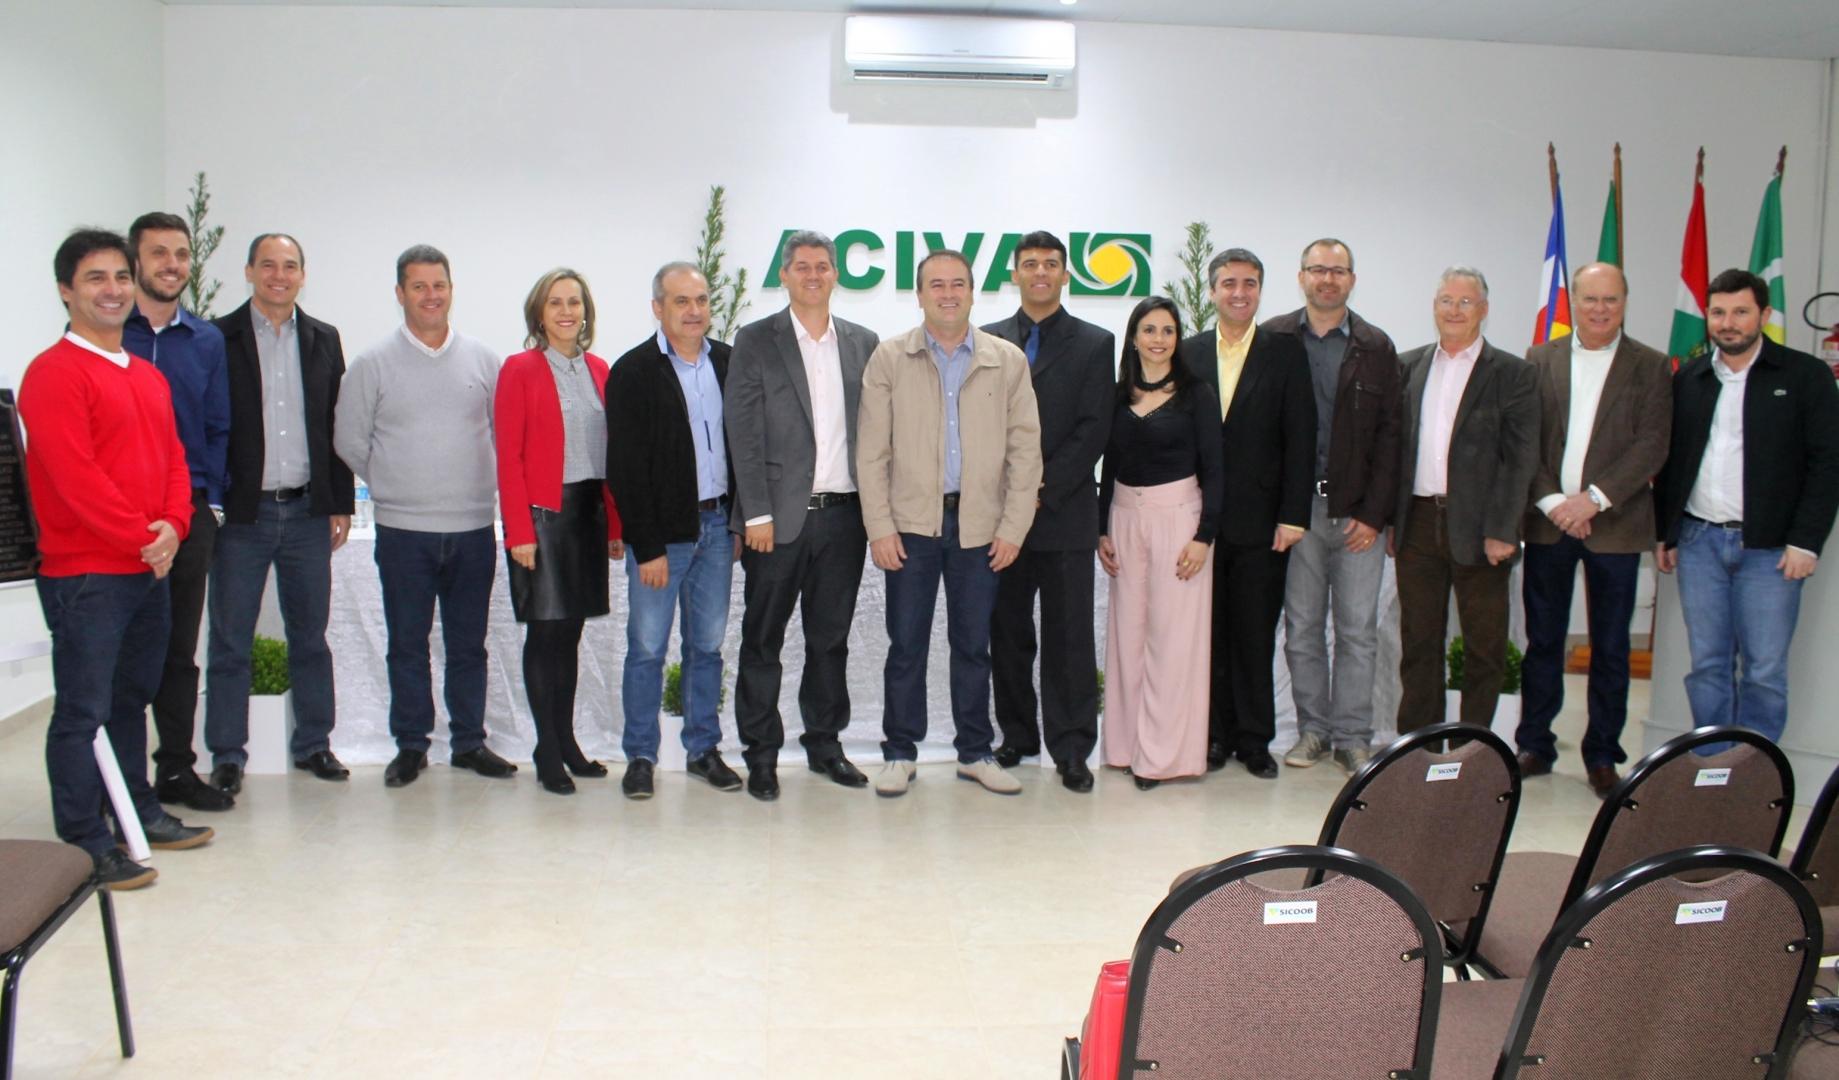 Autoridades regionais e ex-presidentes estiveram no evento